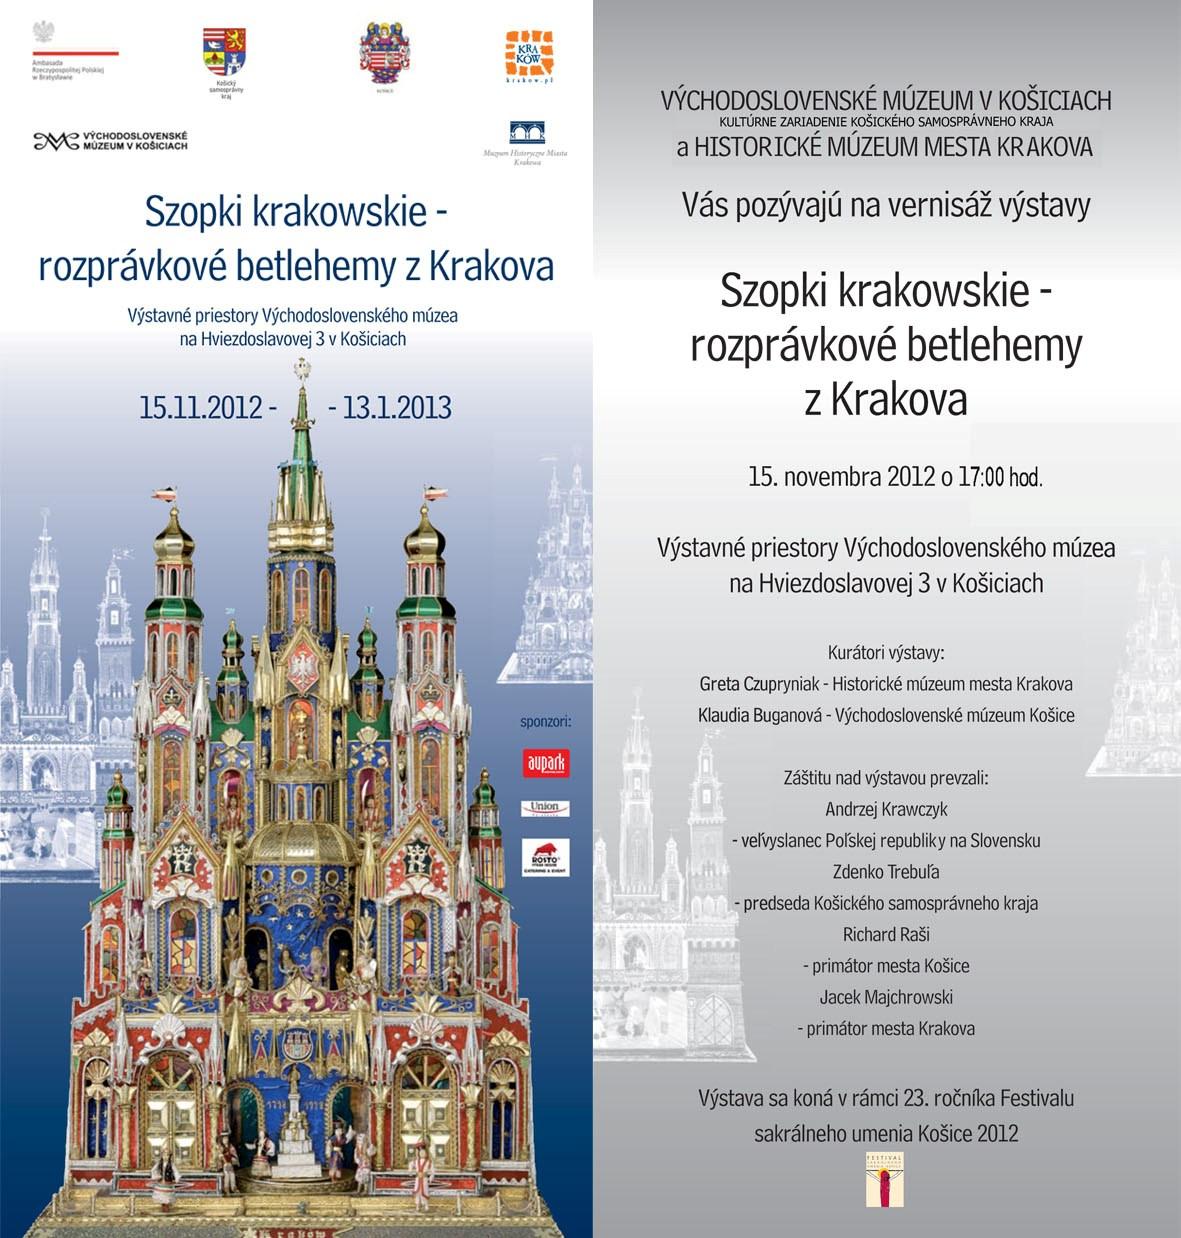 Szopki krakowskie - rozprávkové betlehemy z Krakova